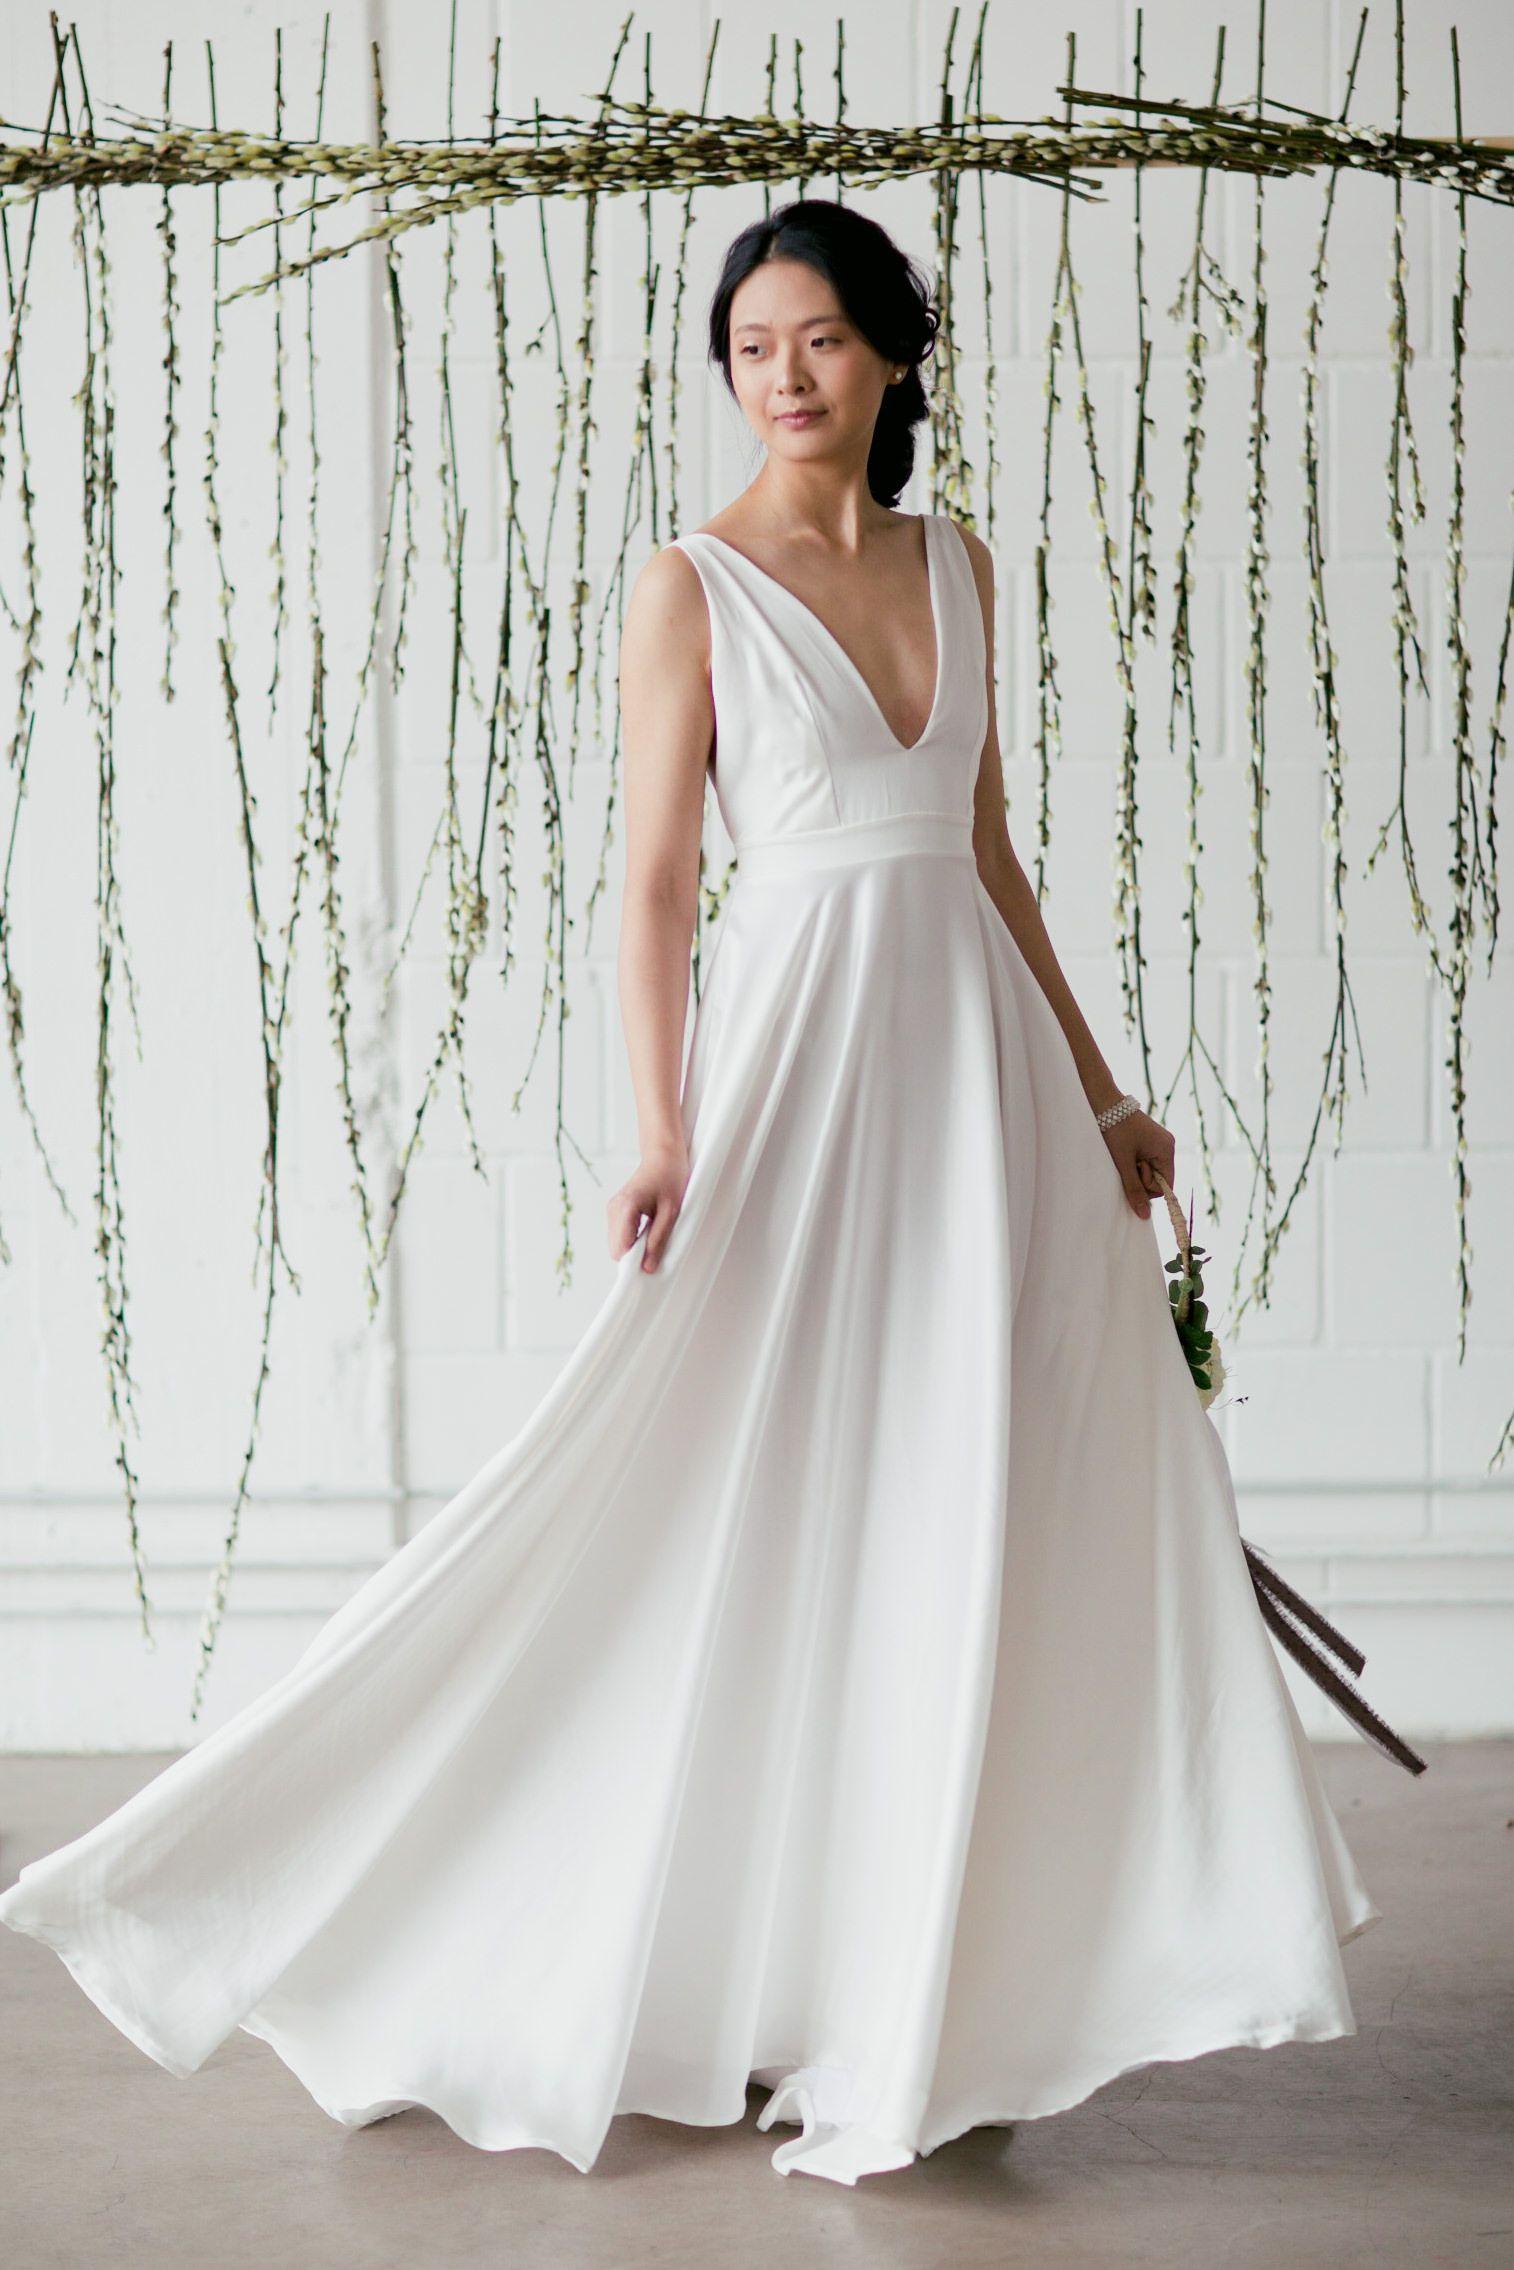 Brautkleid Willow | Kleid Hochzeit, Brautkleid Und Braut